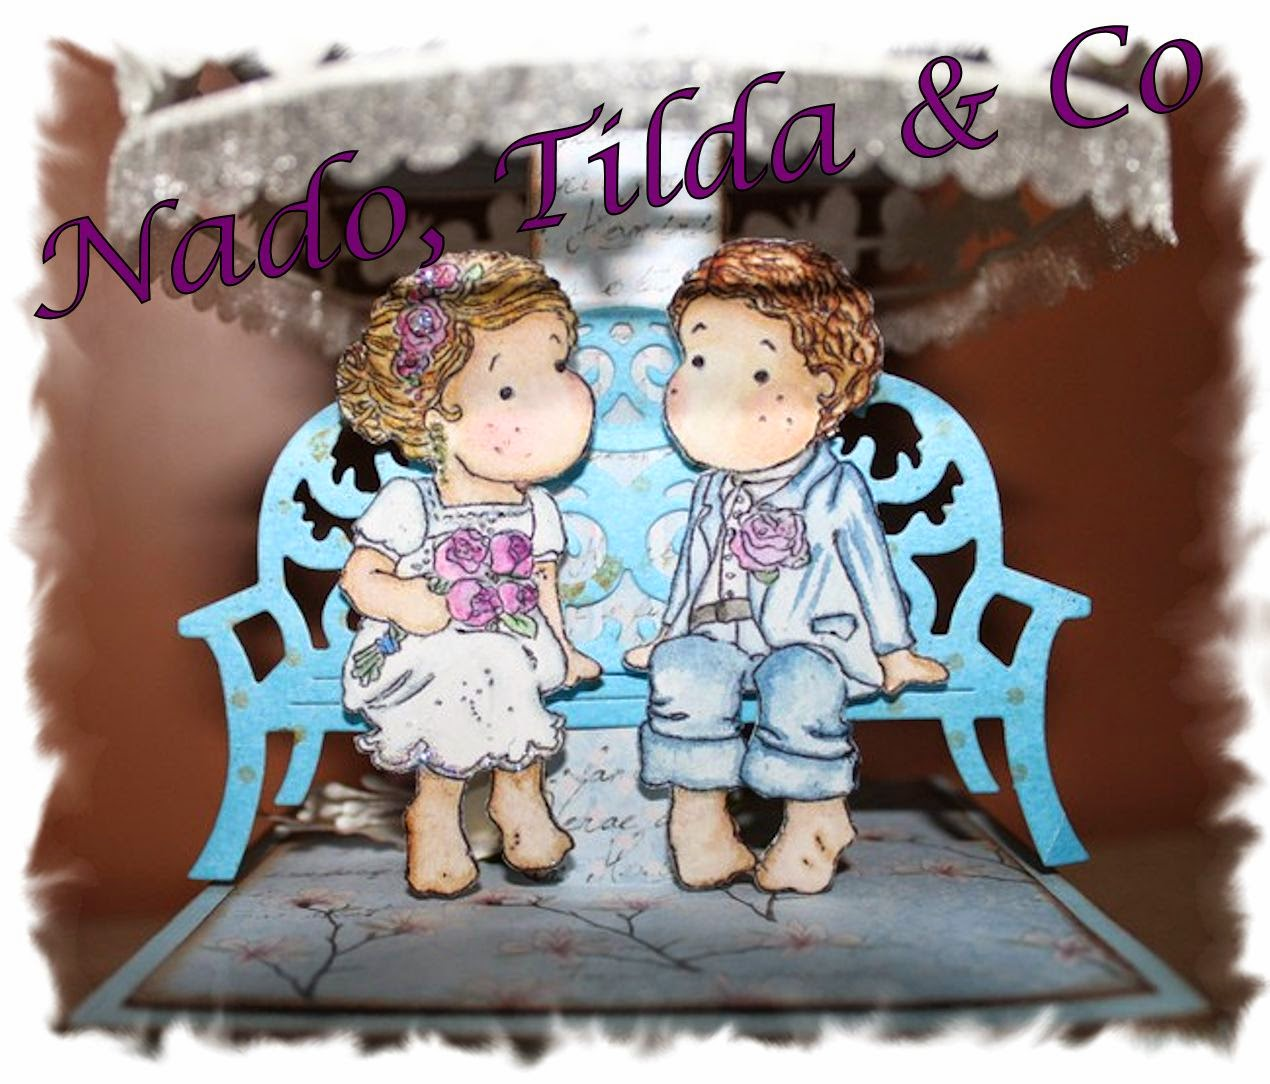 Nado, Tilda & Co